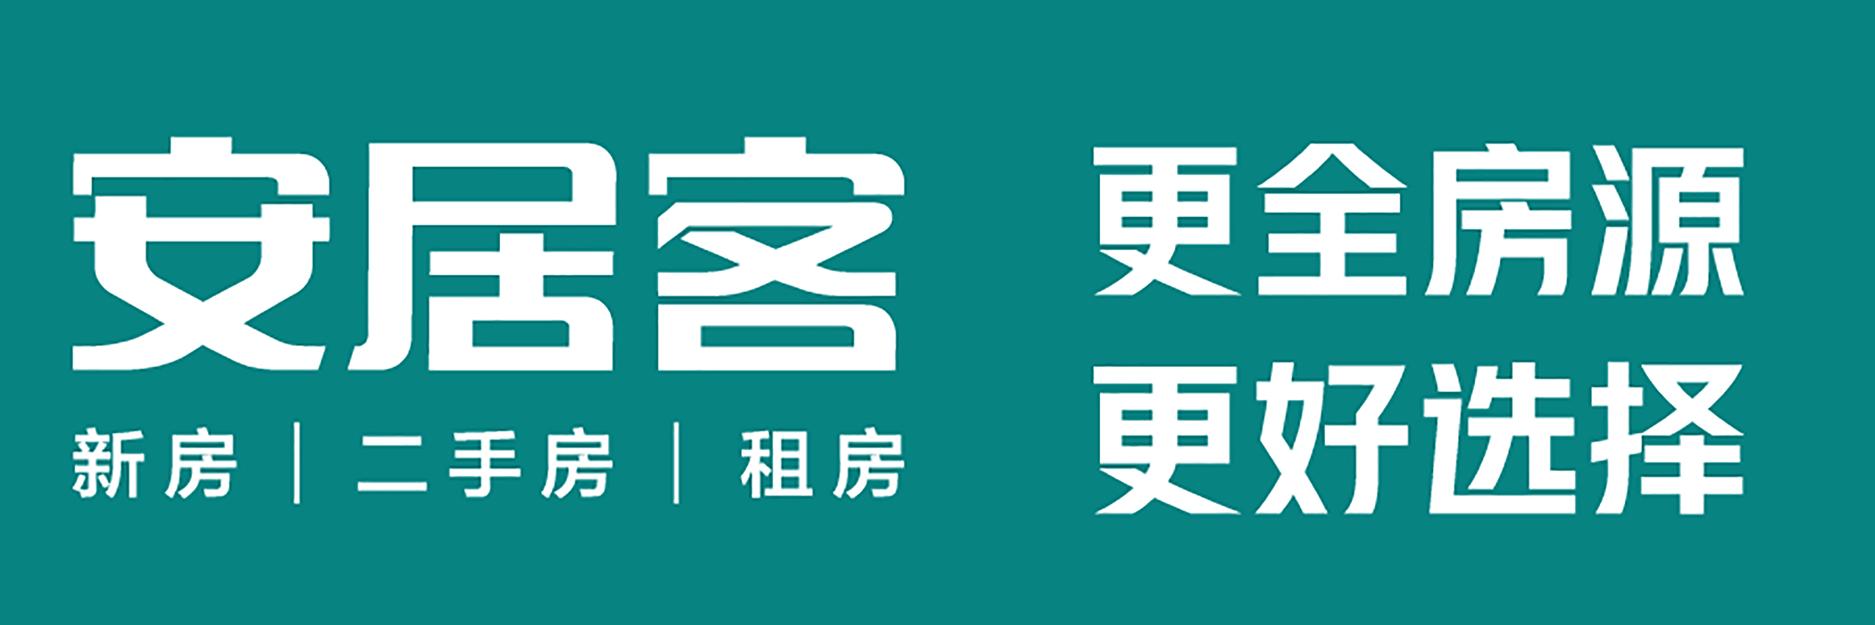 【顾家猫·58同城】2021.10.08~2021.11.10(1/30)